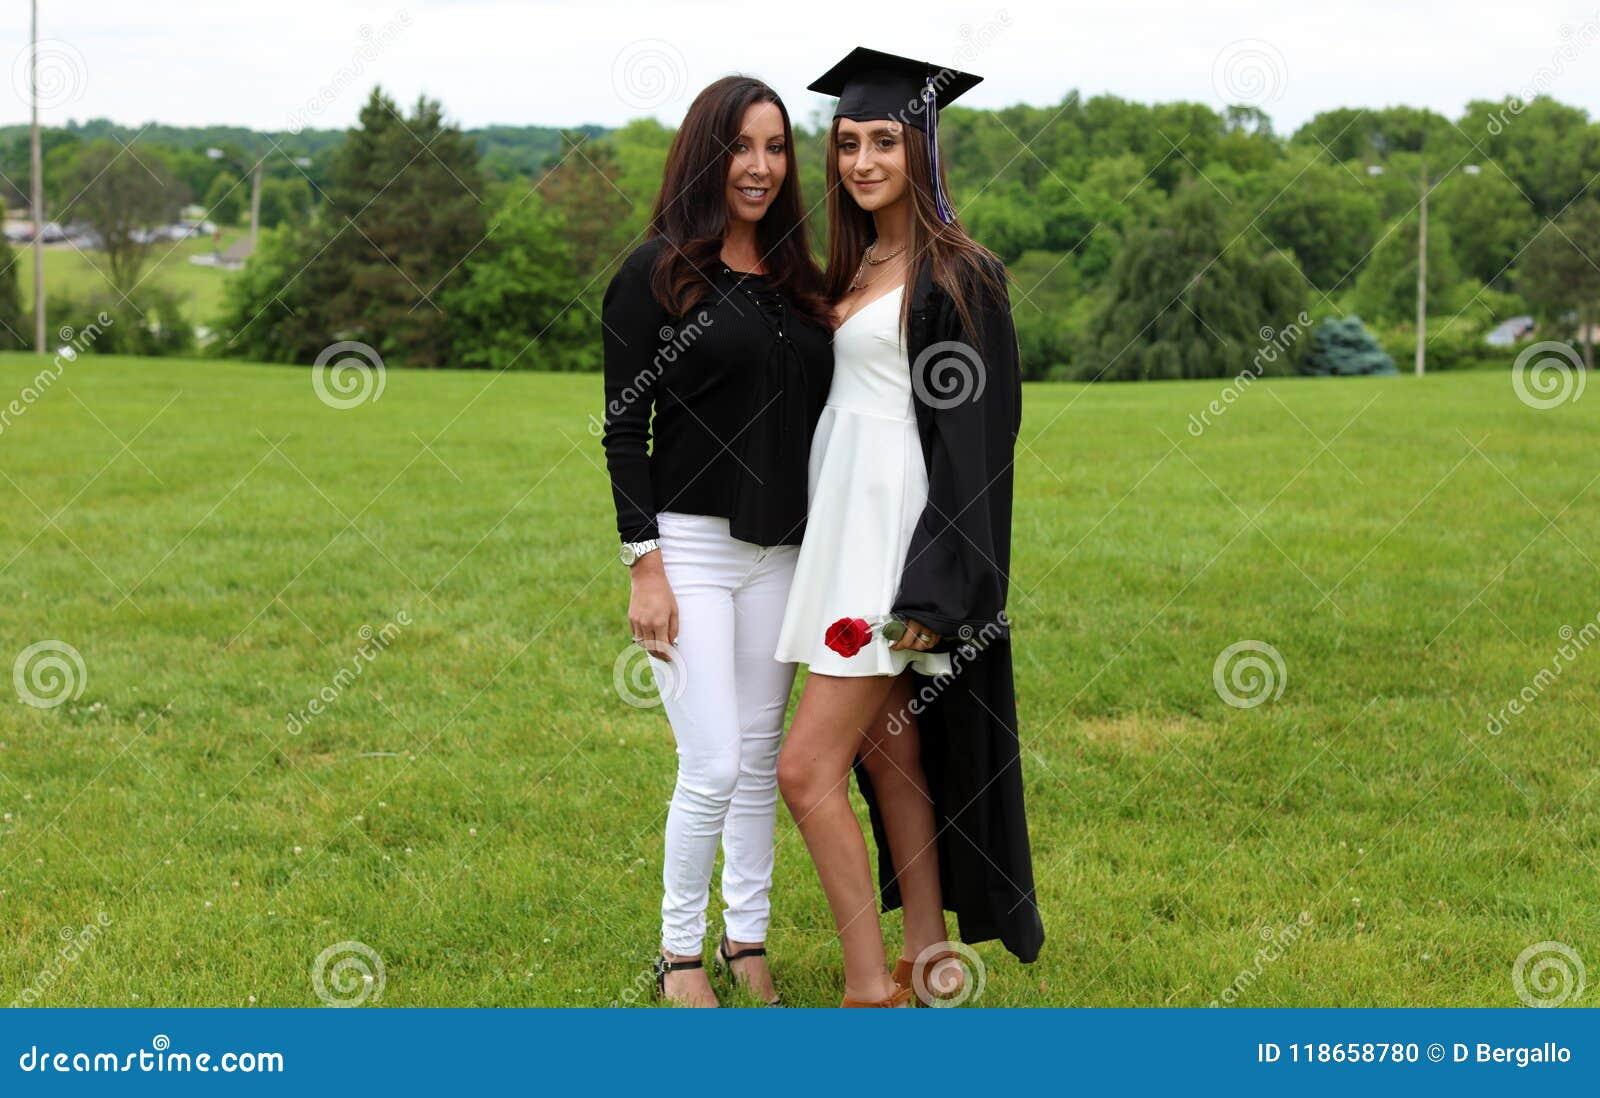 Mãe e filha bonitas no tampão, no vestido e em Tass pretos, adolescente  sexy  Cara lindo original, sorriso agradável, menina mar